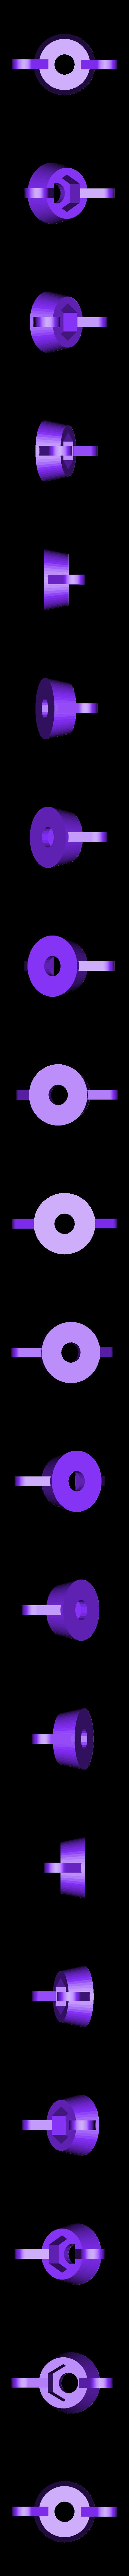 3.stl Télécharger fichier STL gratuit poignée pour l'écrou • Objet pour impression 3D, 1001thing3d